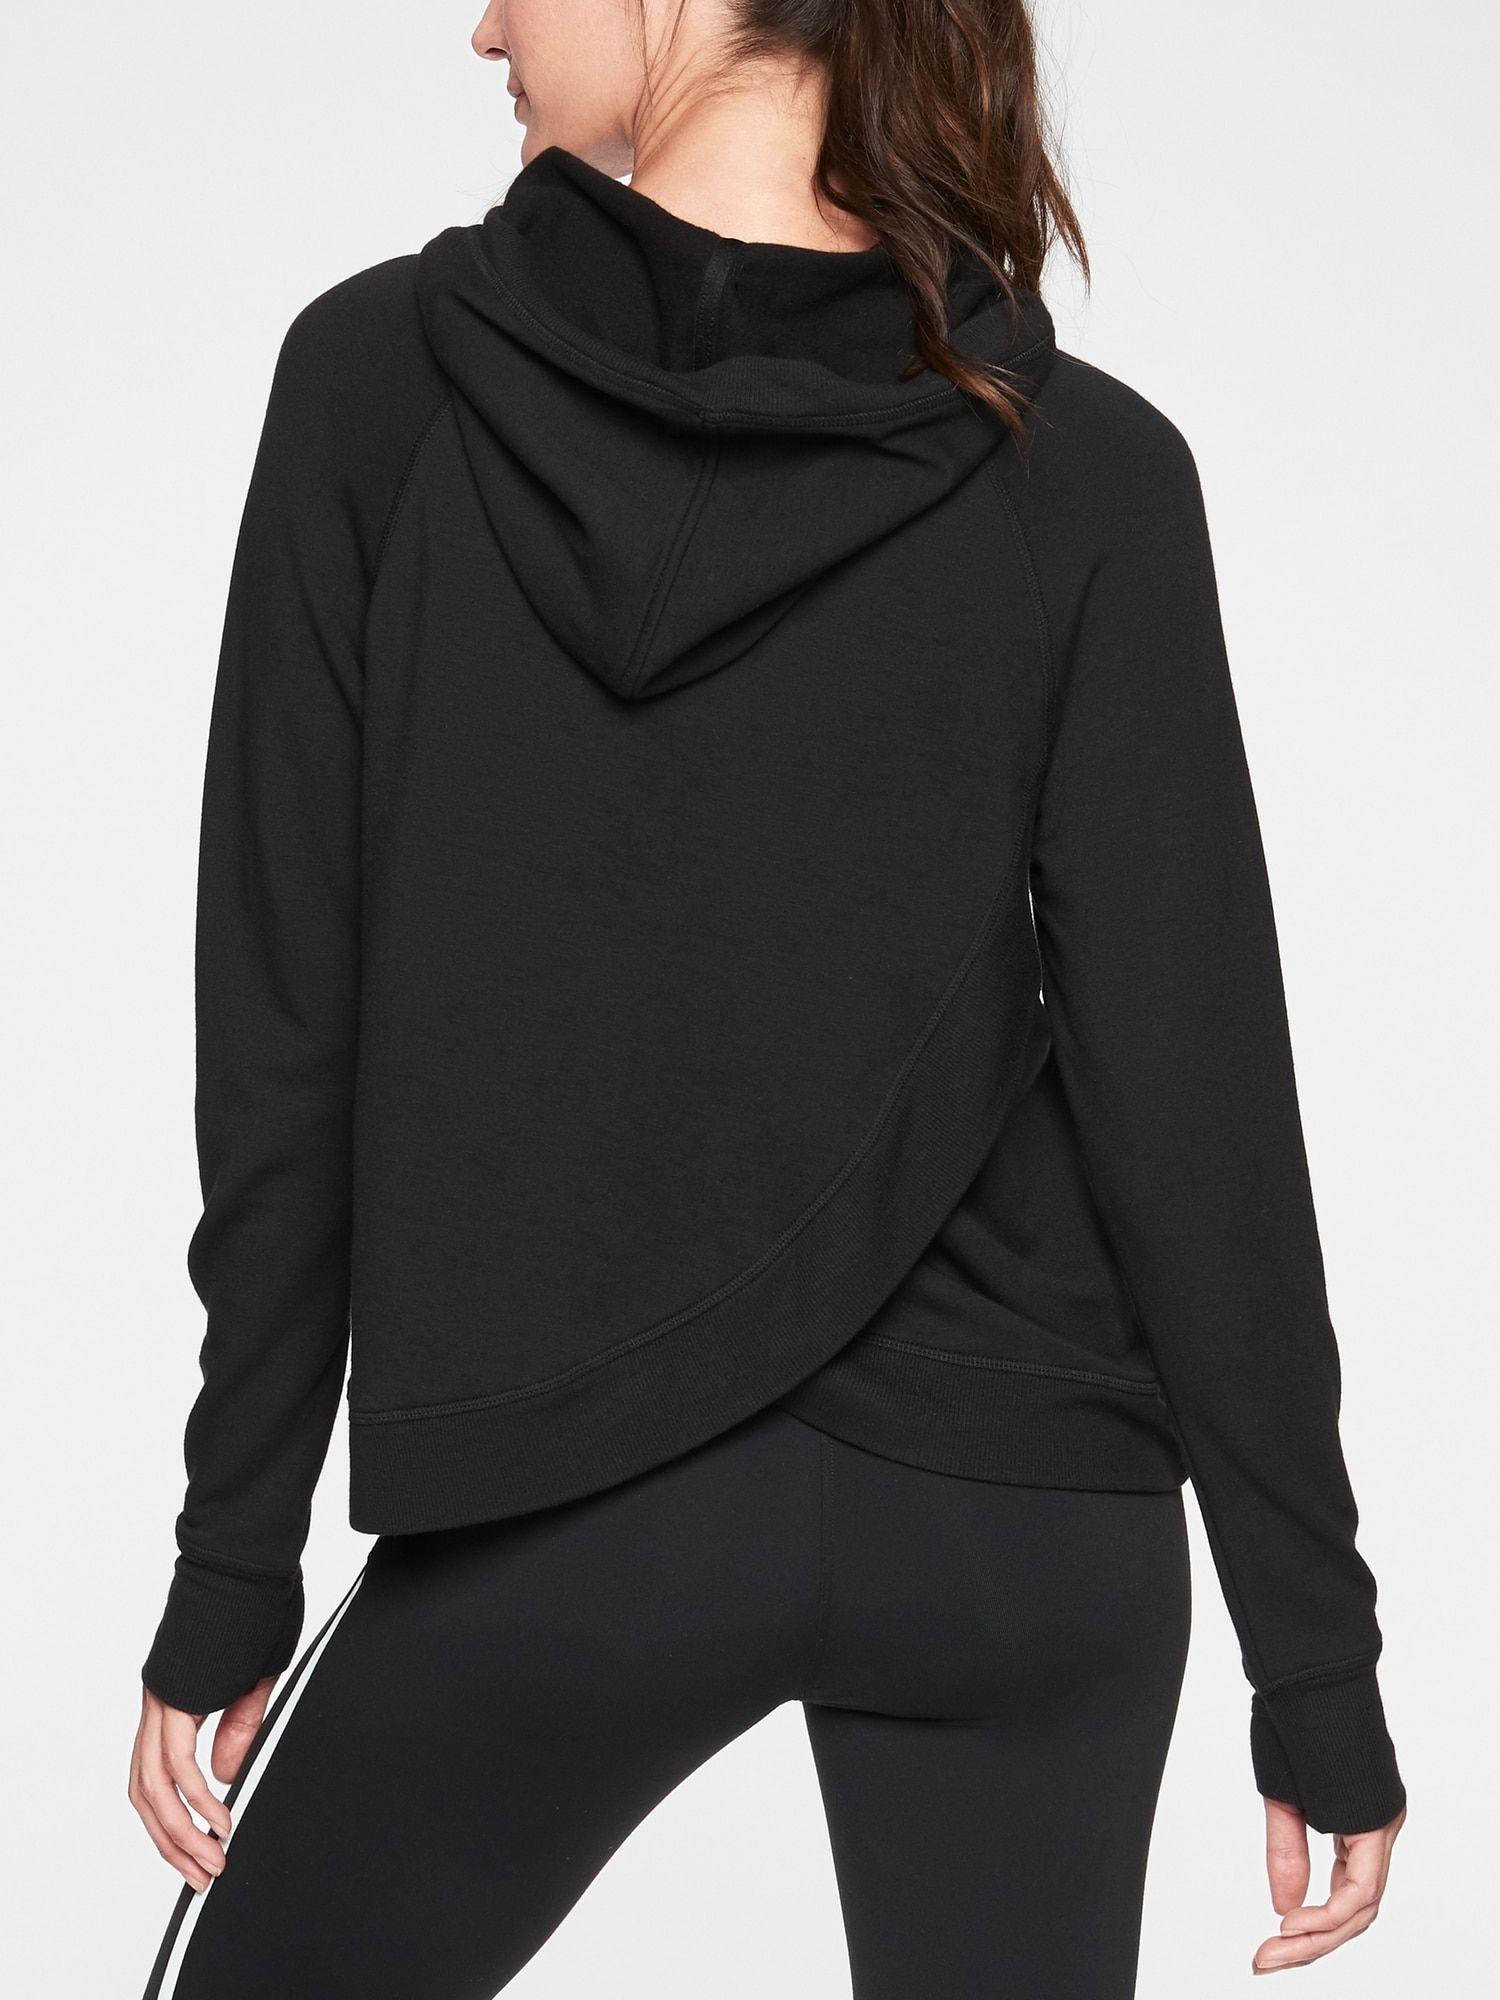 Criss Cross Back Hoodie Sweatshirt Athleta Running Clothes Sweatshirts Hoodie Long Hoodie [ 2000 x 1500 Pixel ]